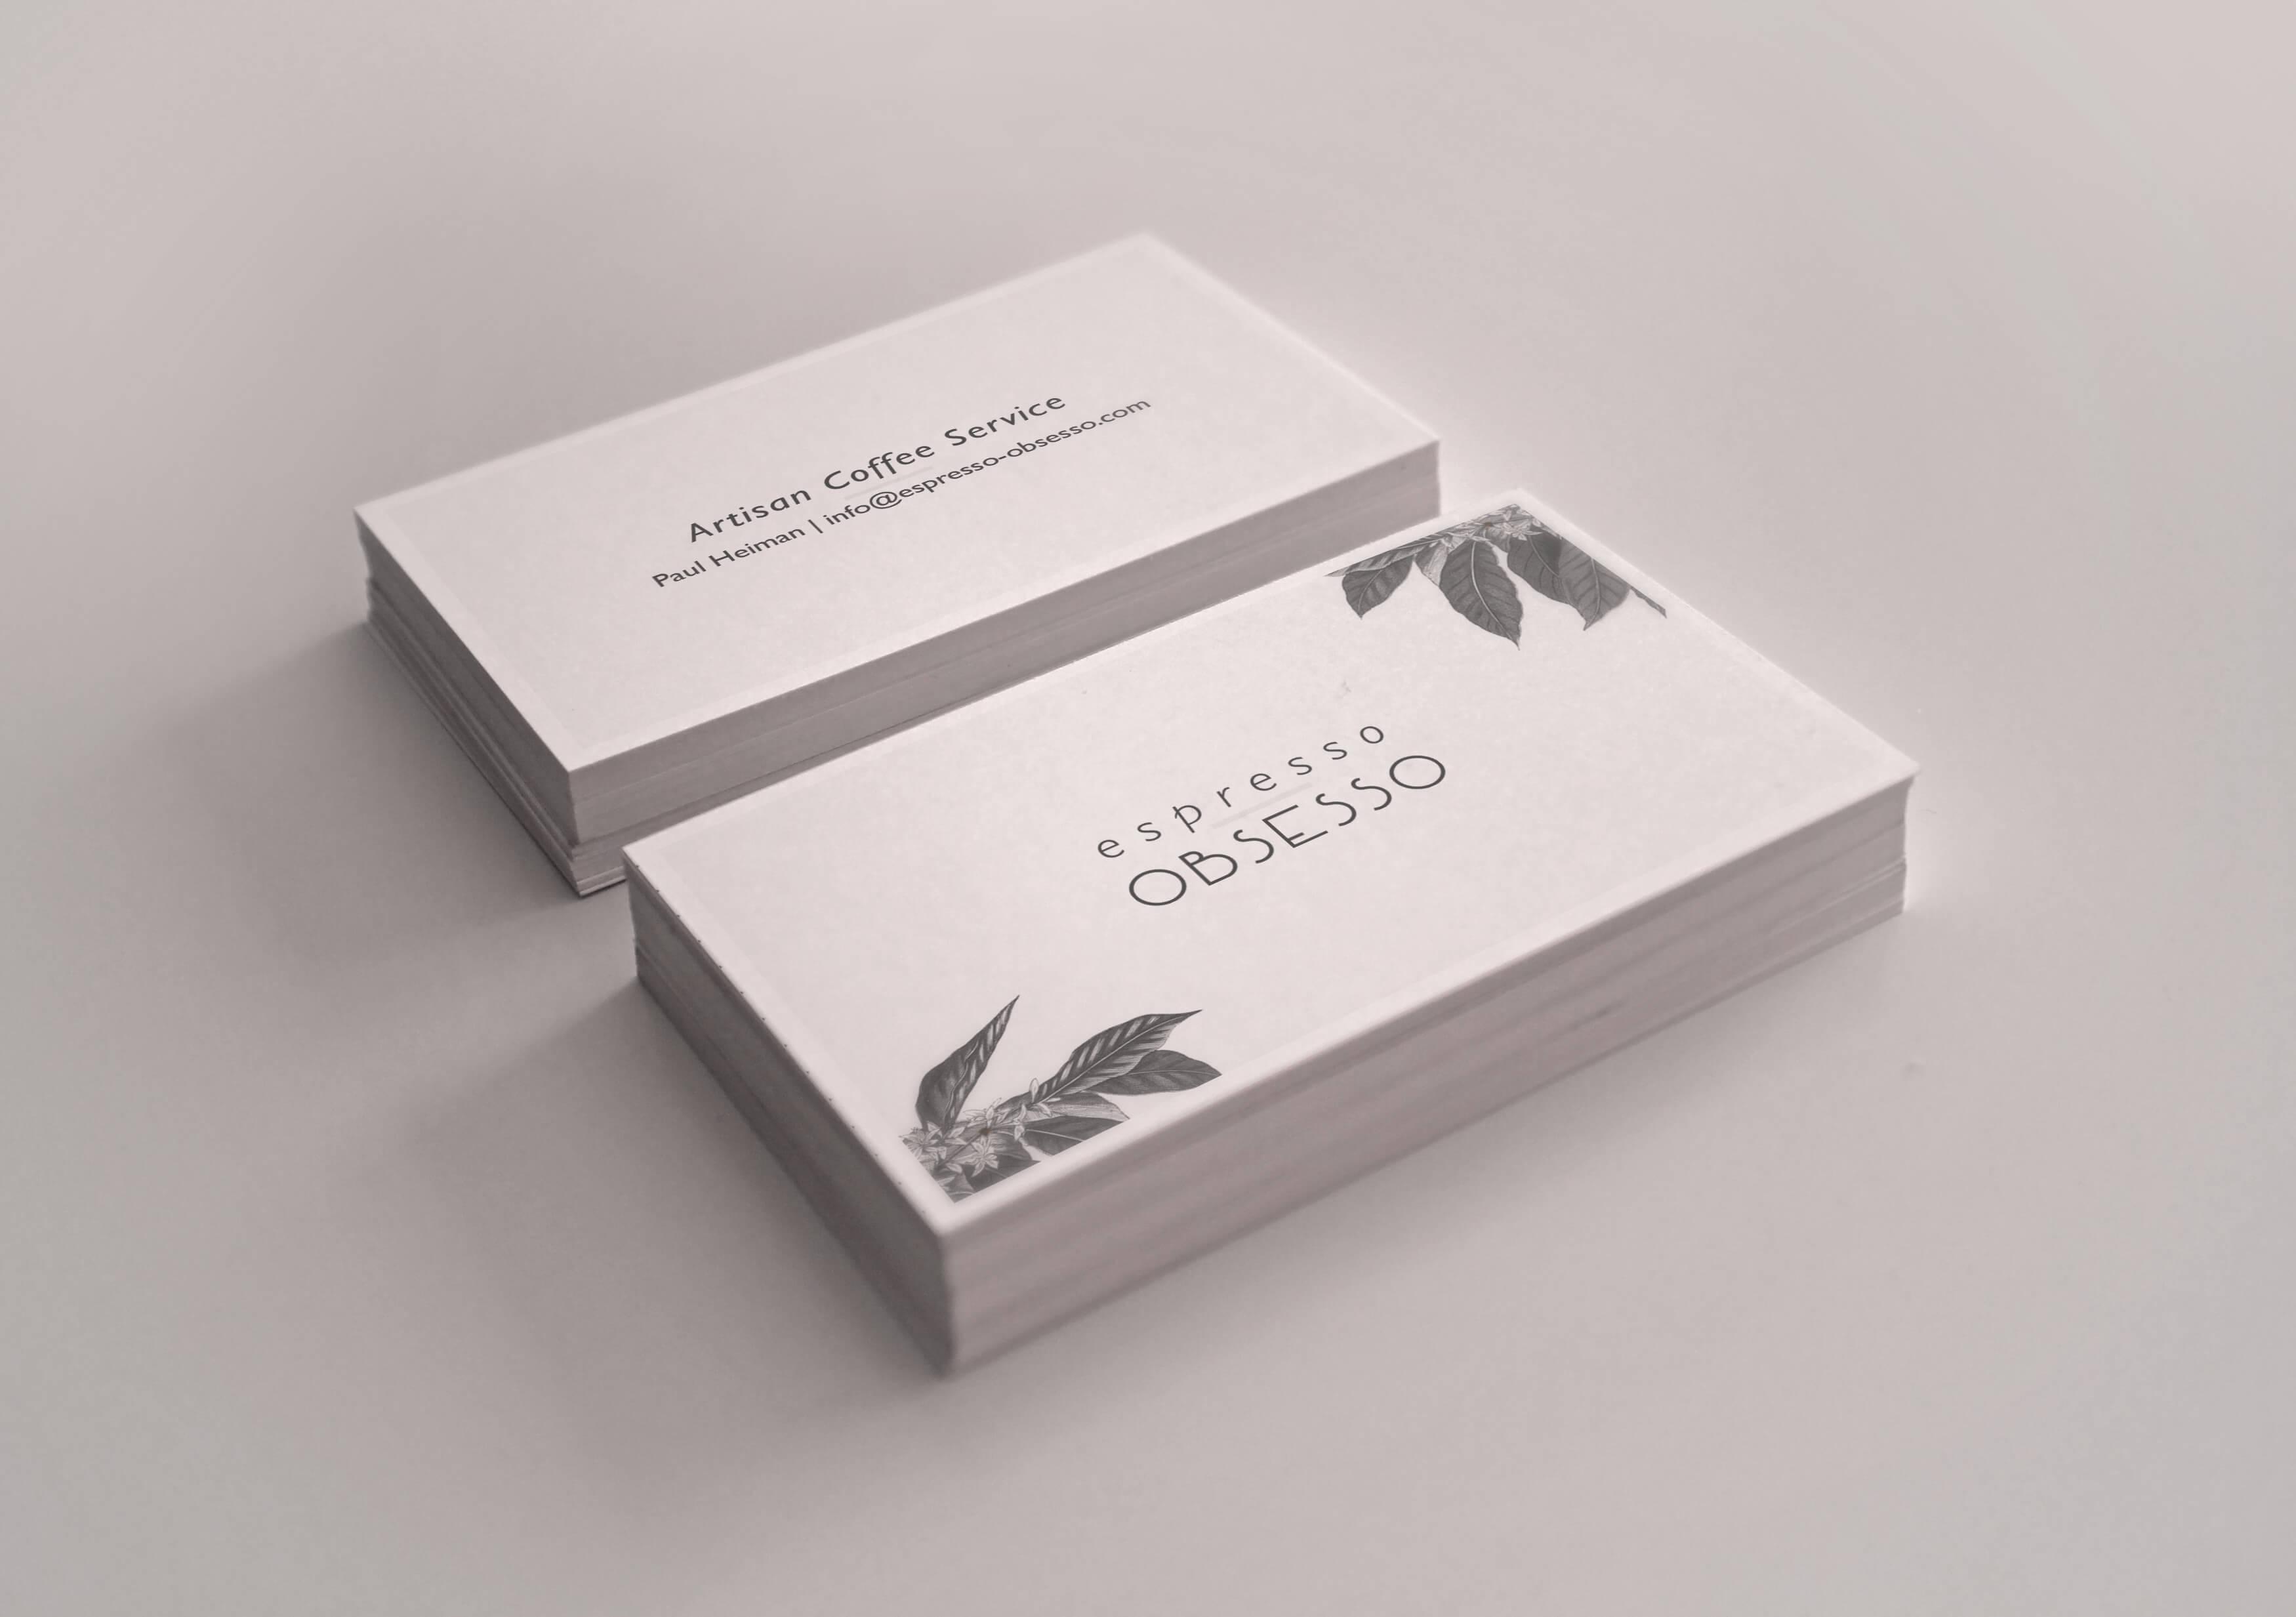 Espresso Obsesso Cards - The Chase Design